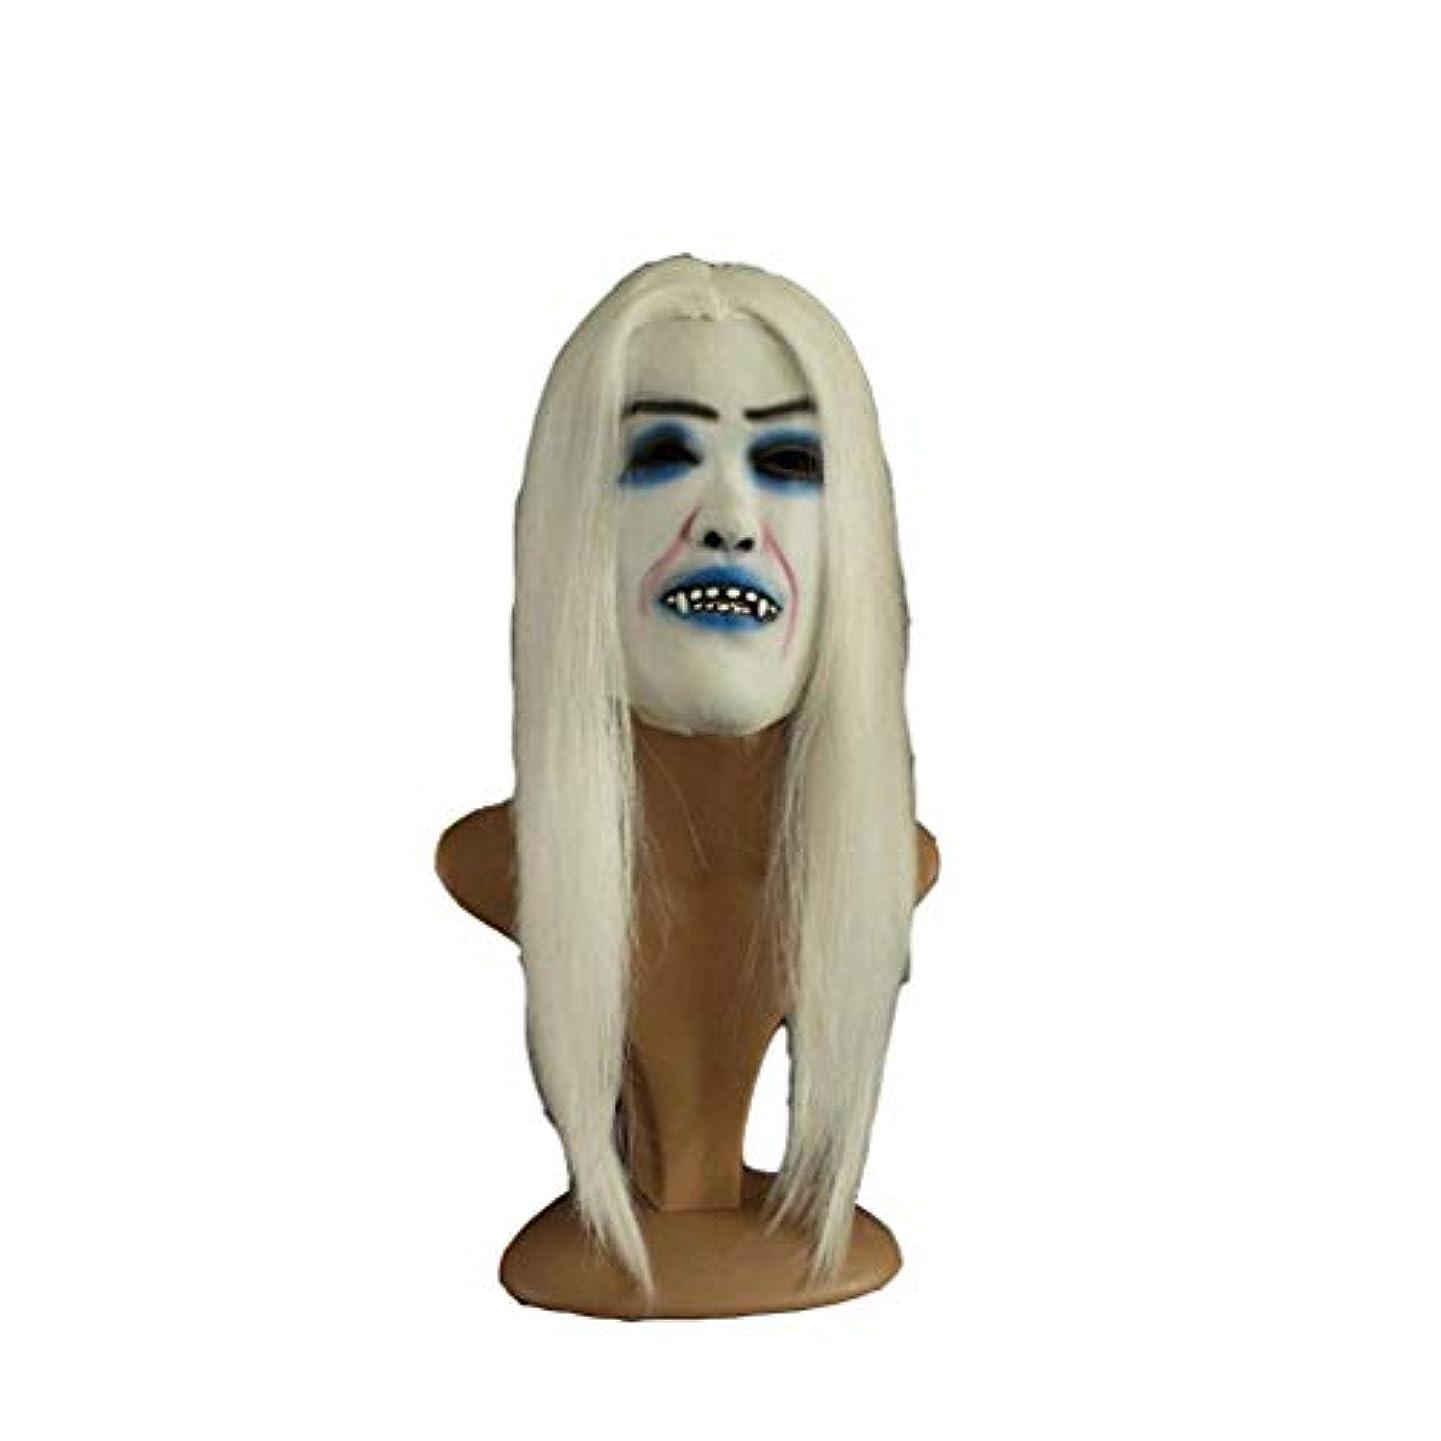 第二にダッシュクマノミハロウィンホラーマスク、白の顔をしかめたかつらコスプレ怖い吸血鬼のかつら22 * 21 cm髪の長さ67 cm